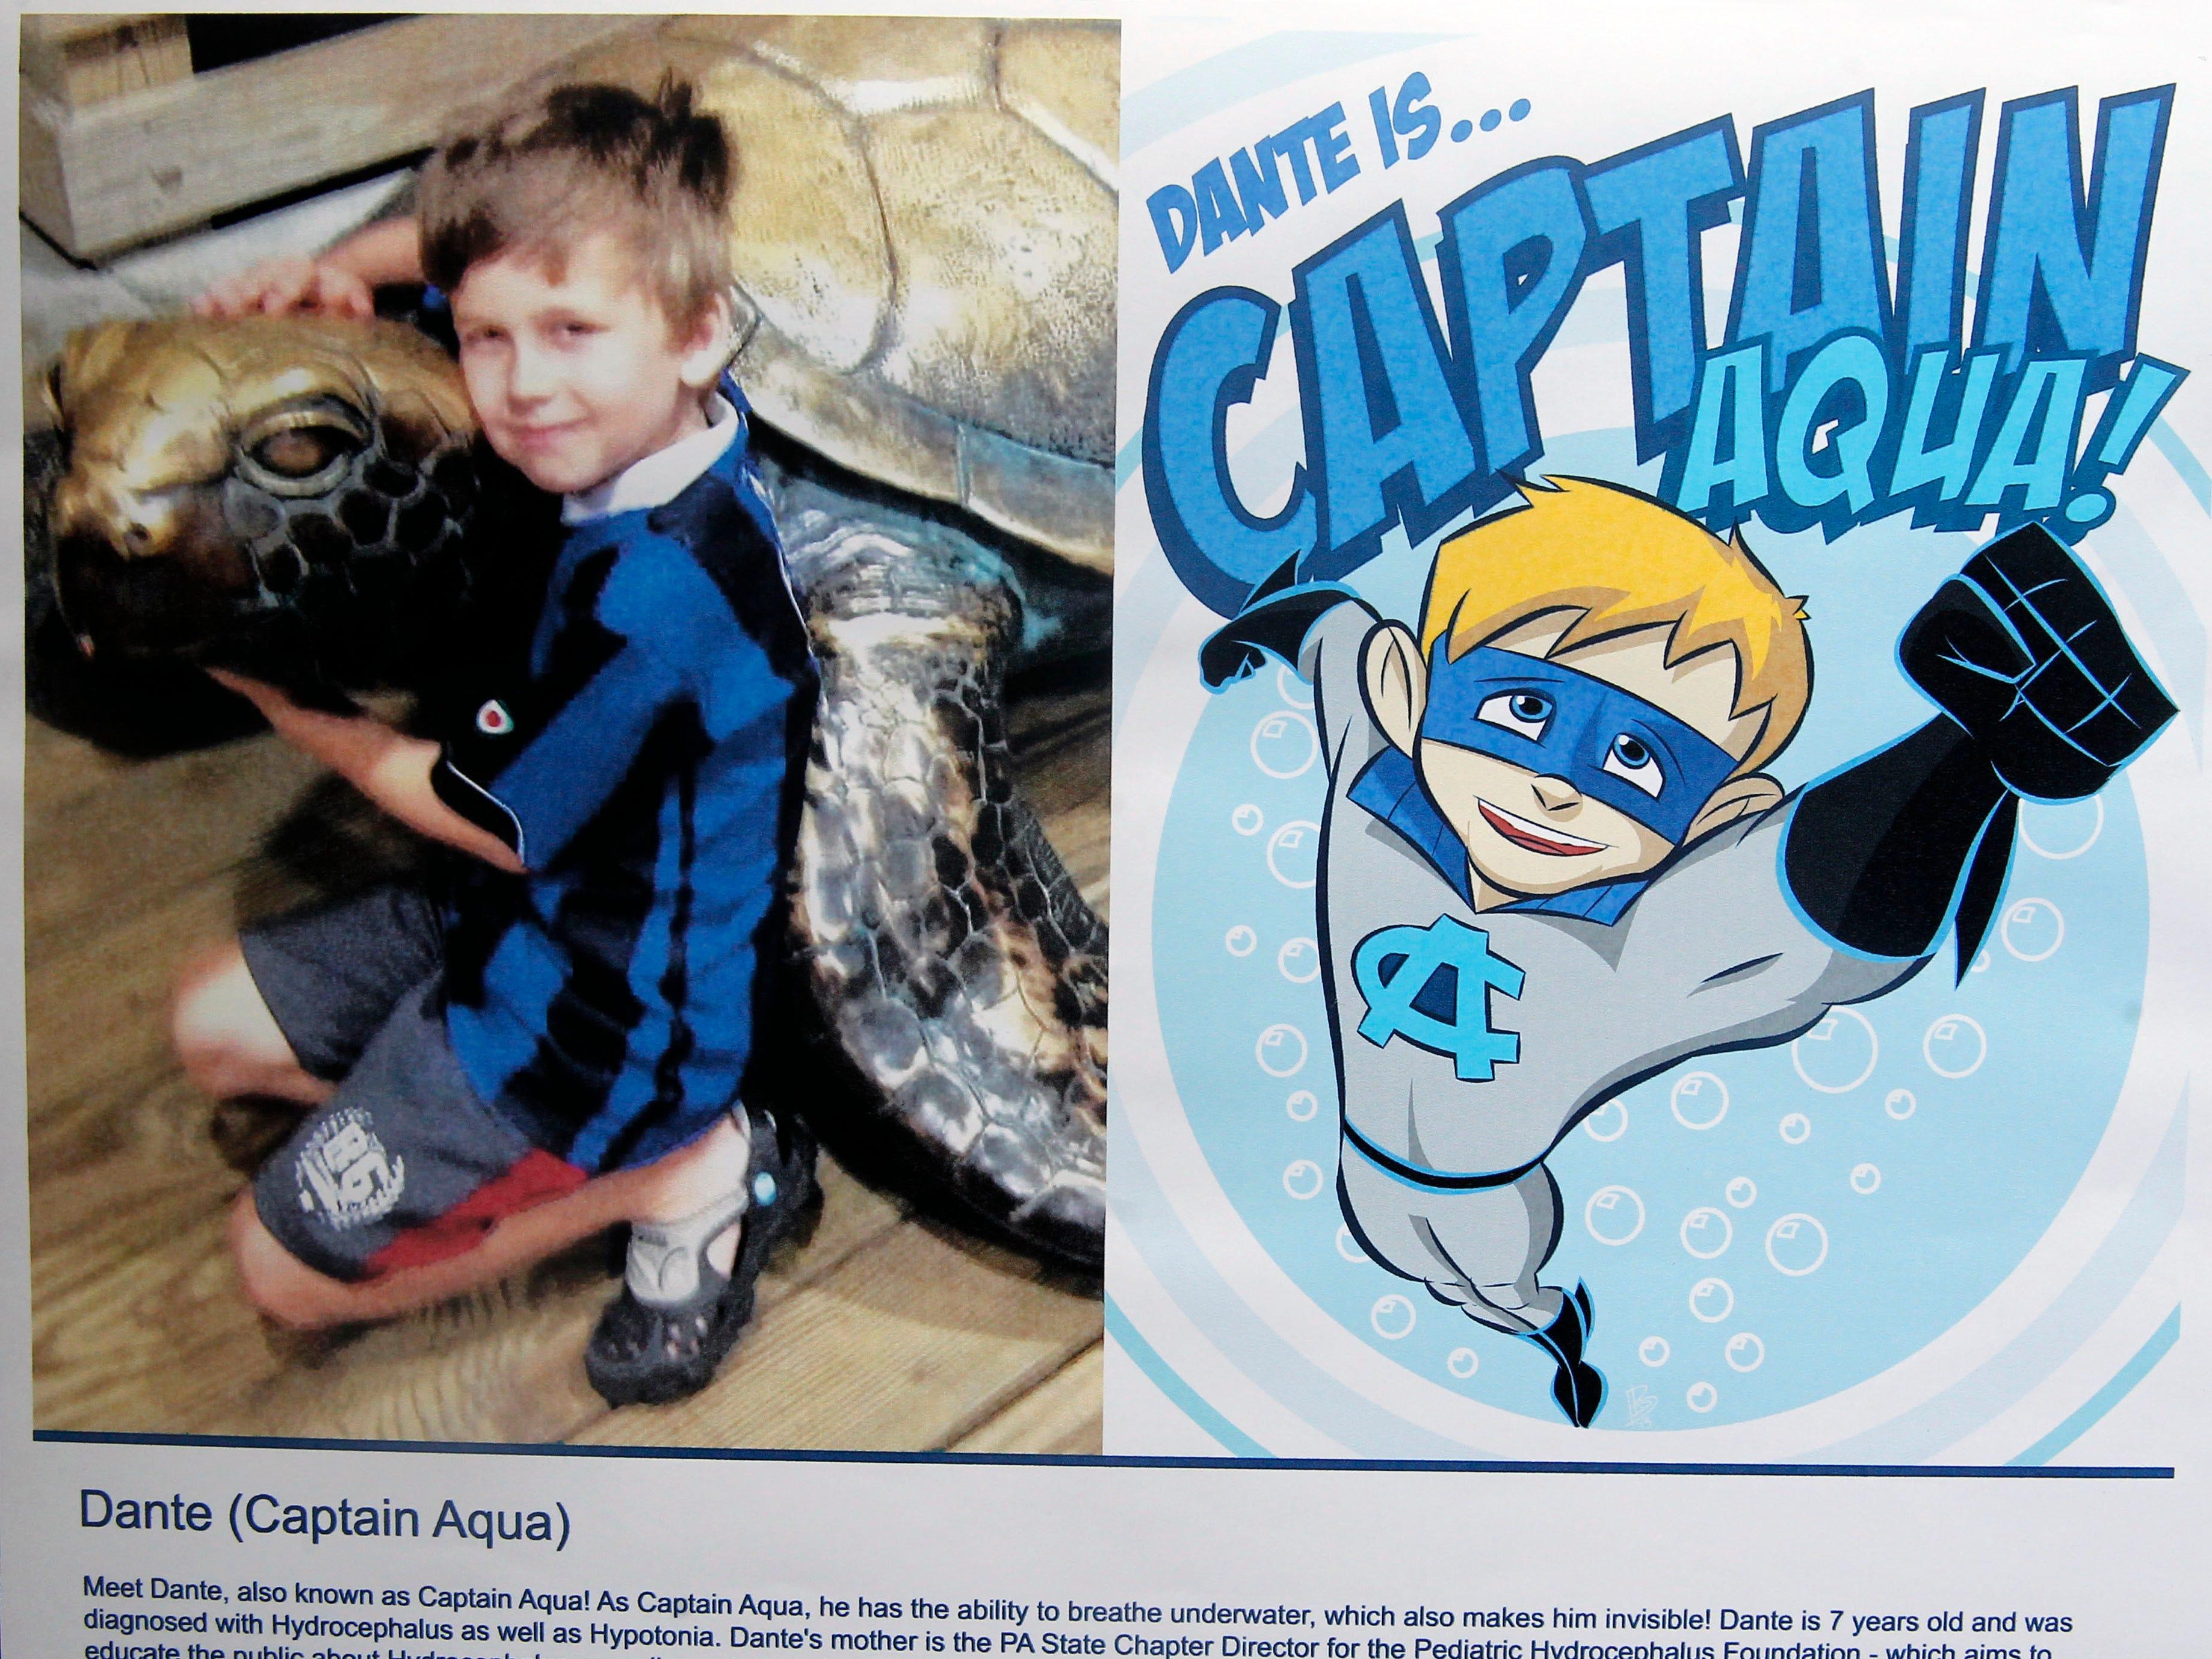 Captain Aqua is Dante's superhero identity.